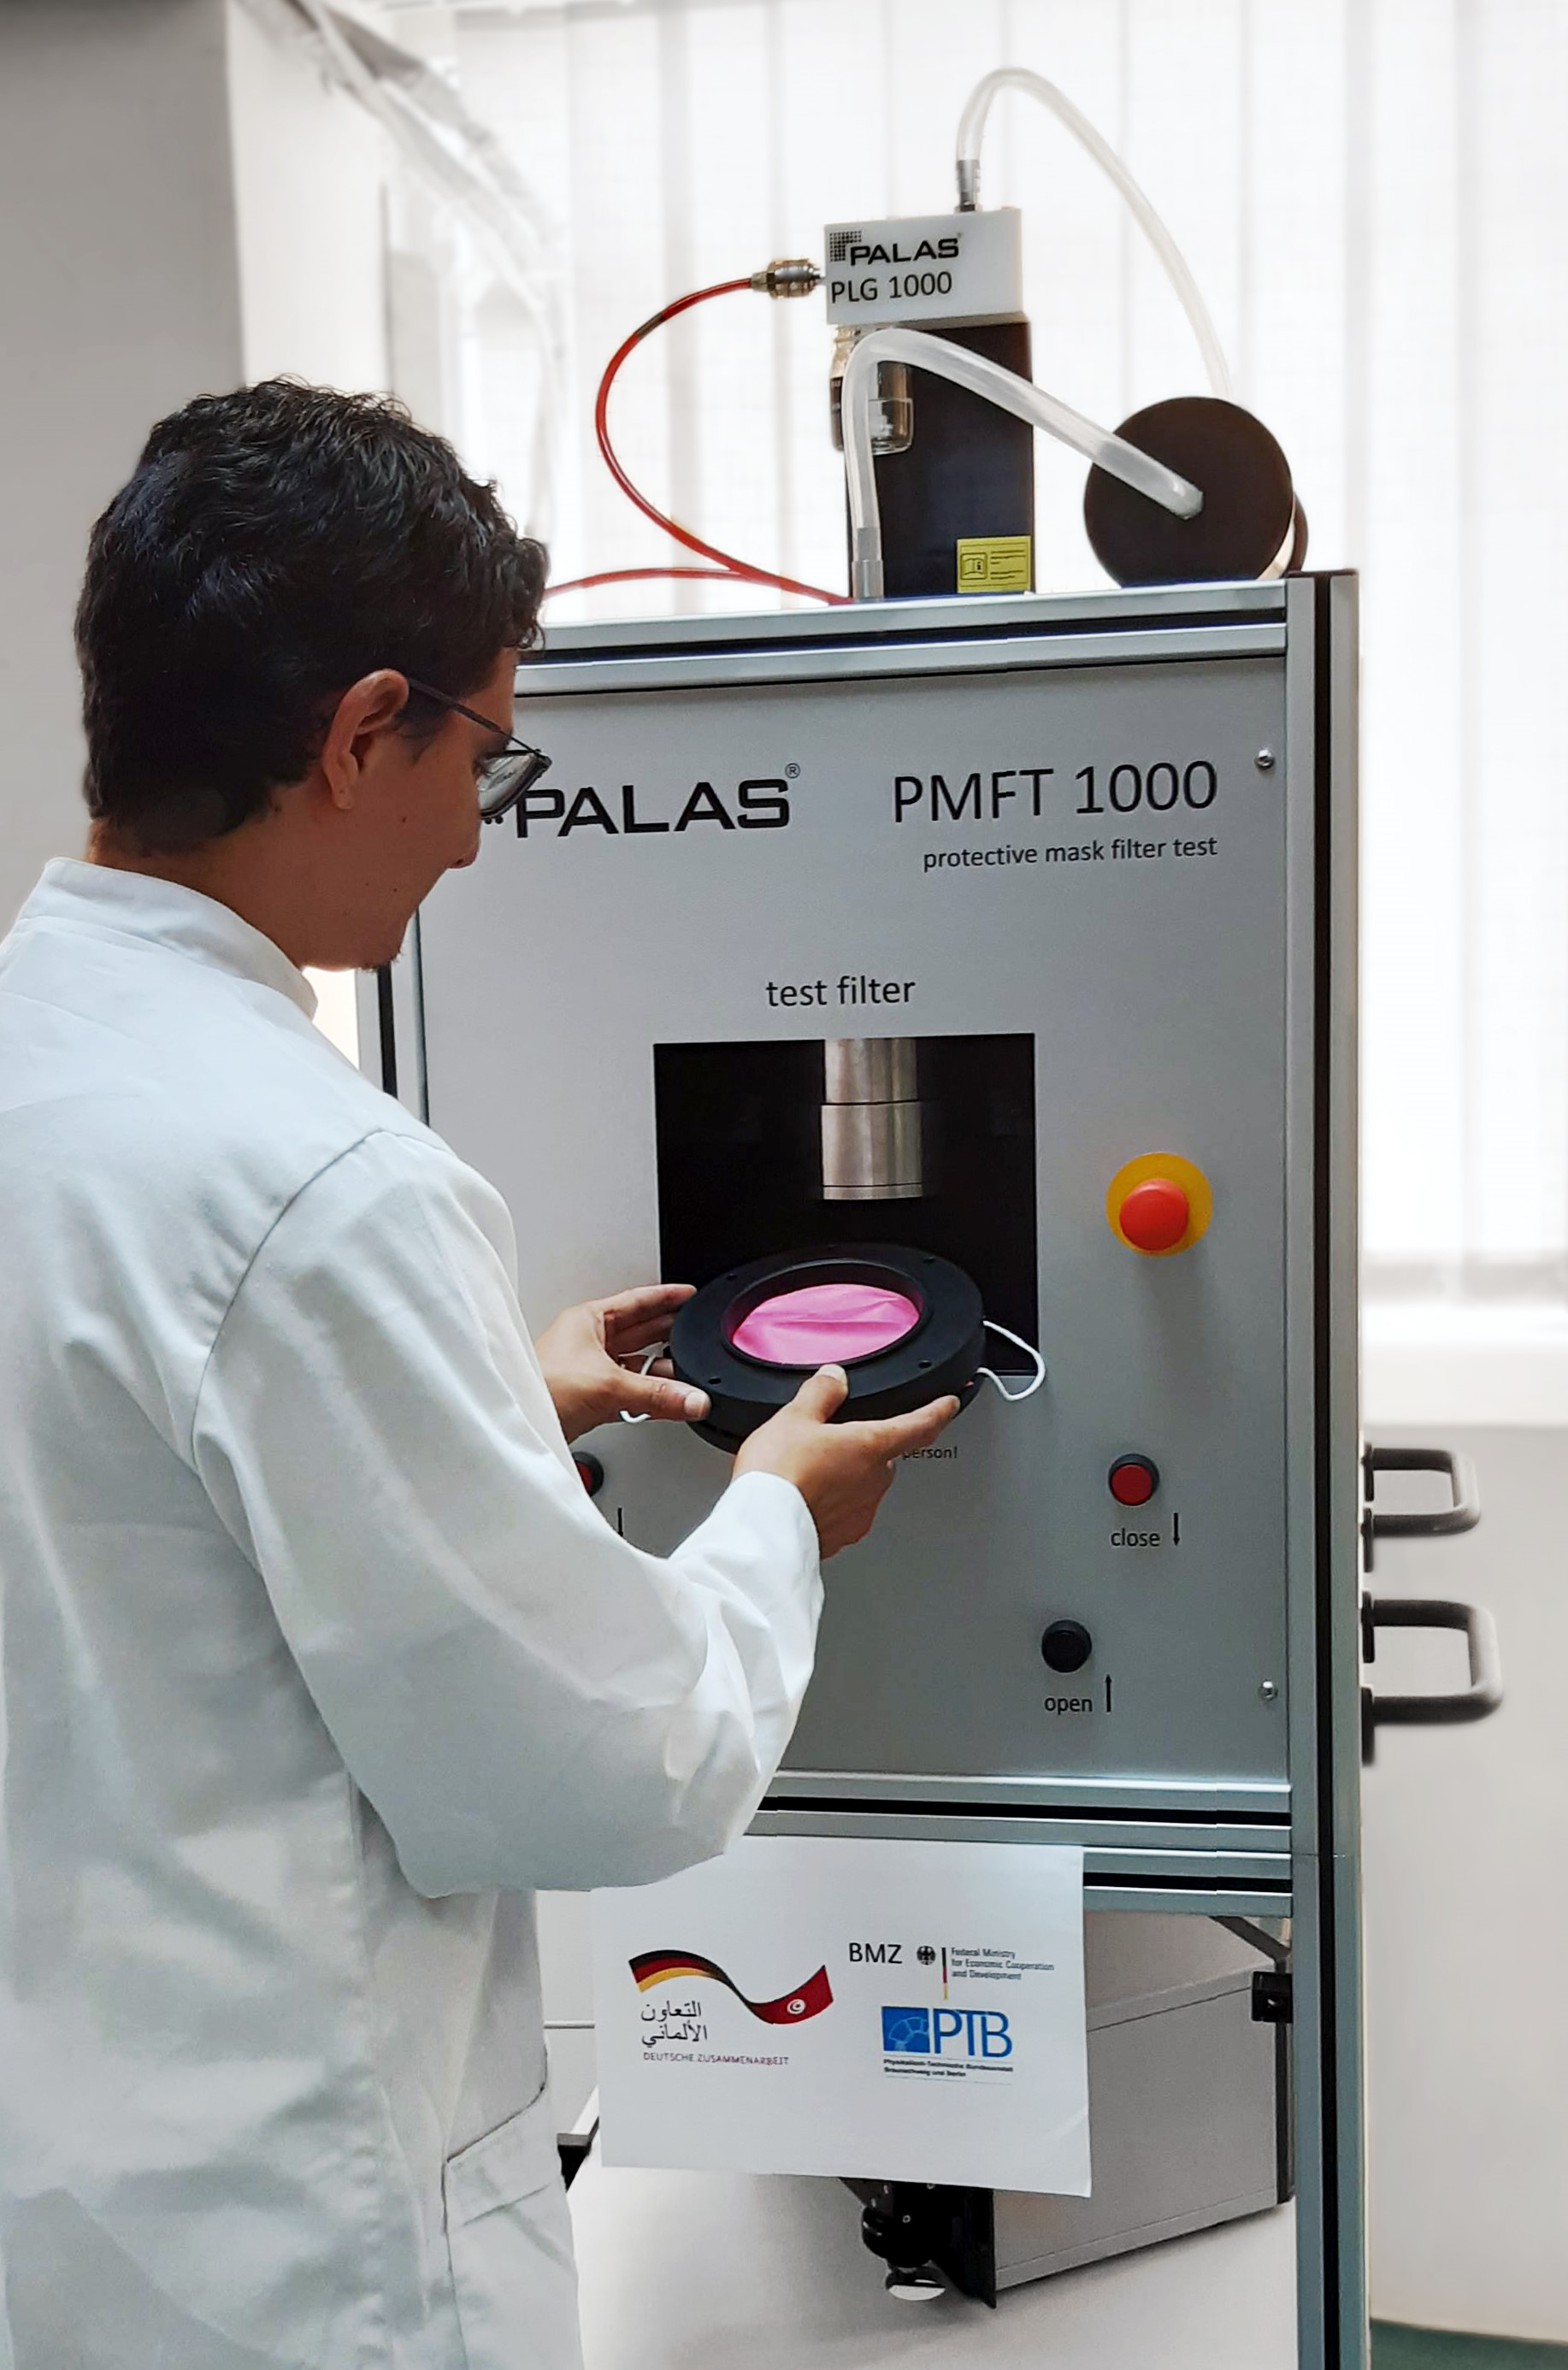 Laborkraft setzt rosafarbene Alltagsmaske in Prüfgerät ein.